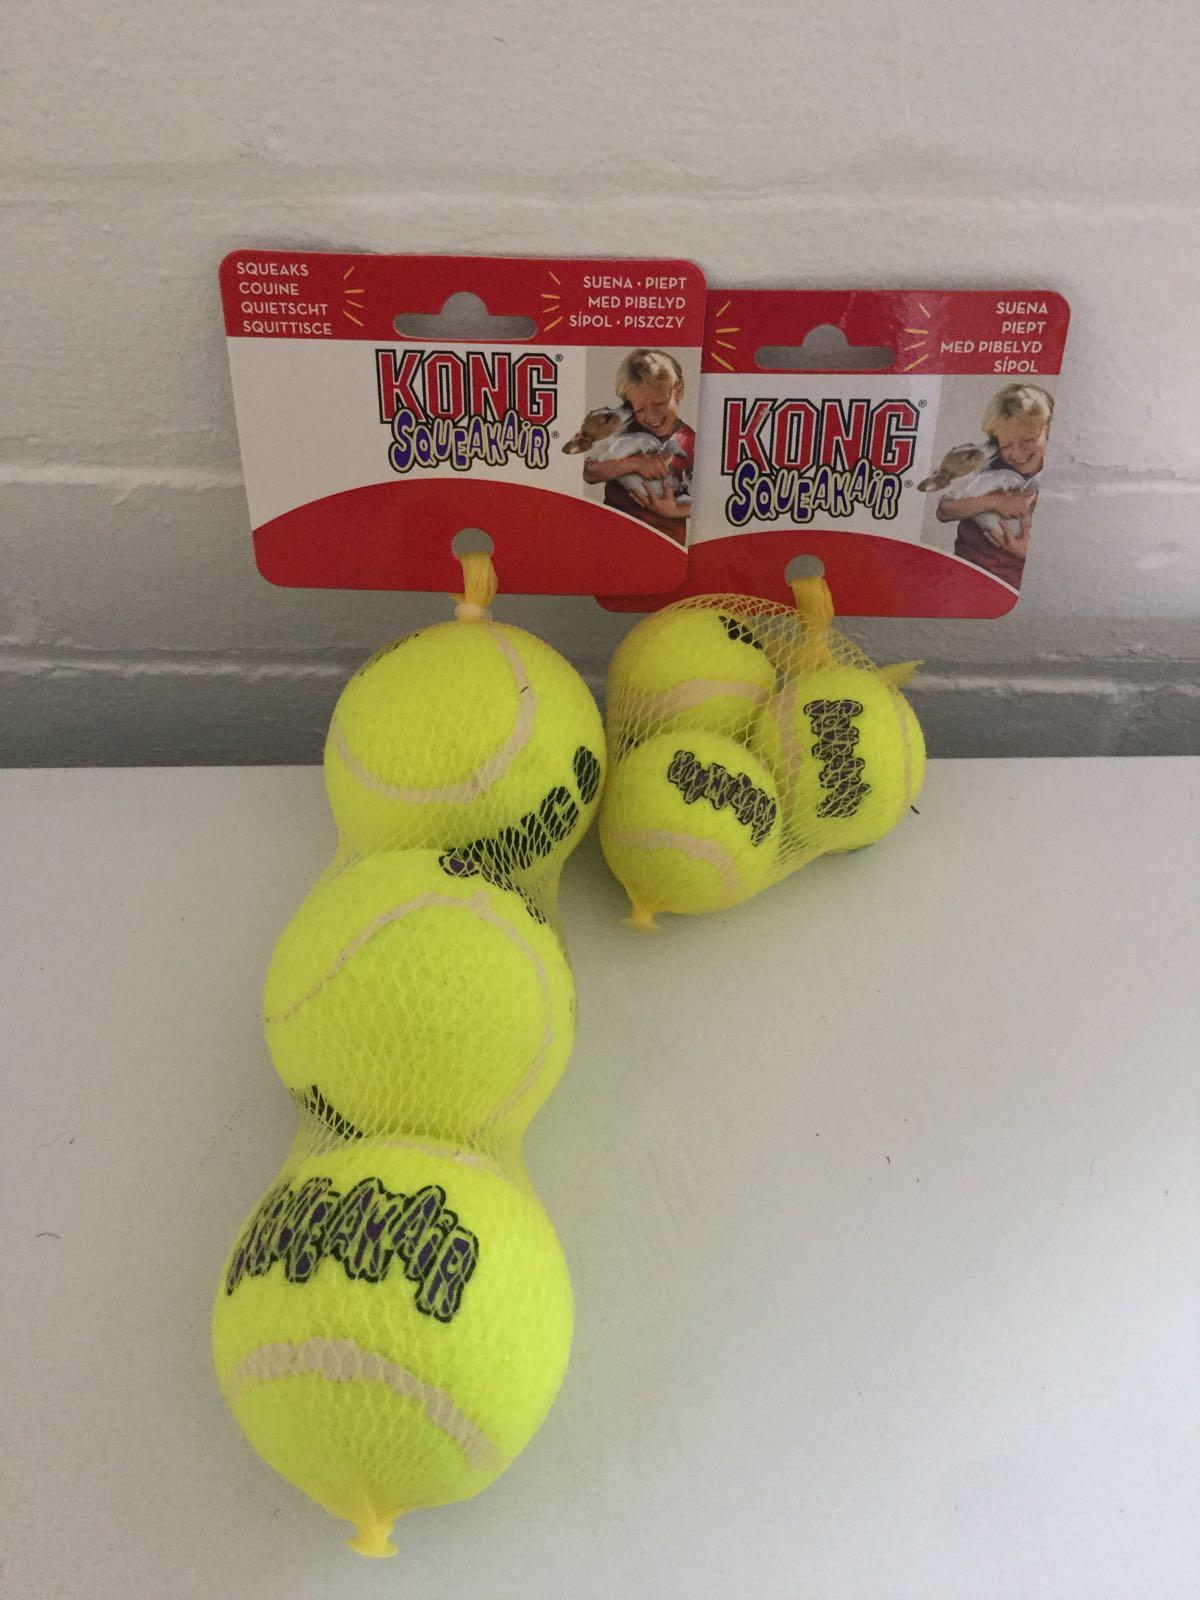 Air Kong Squeaker Tennis Ball (pack of 3)